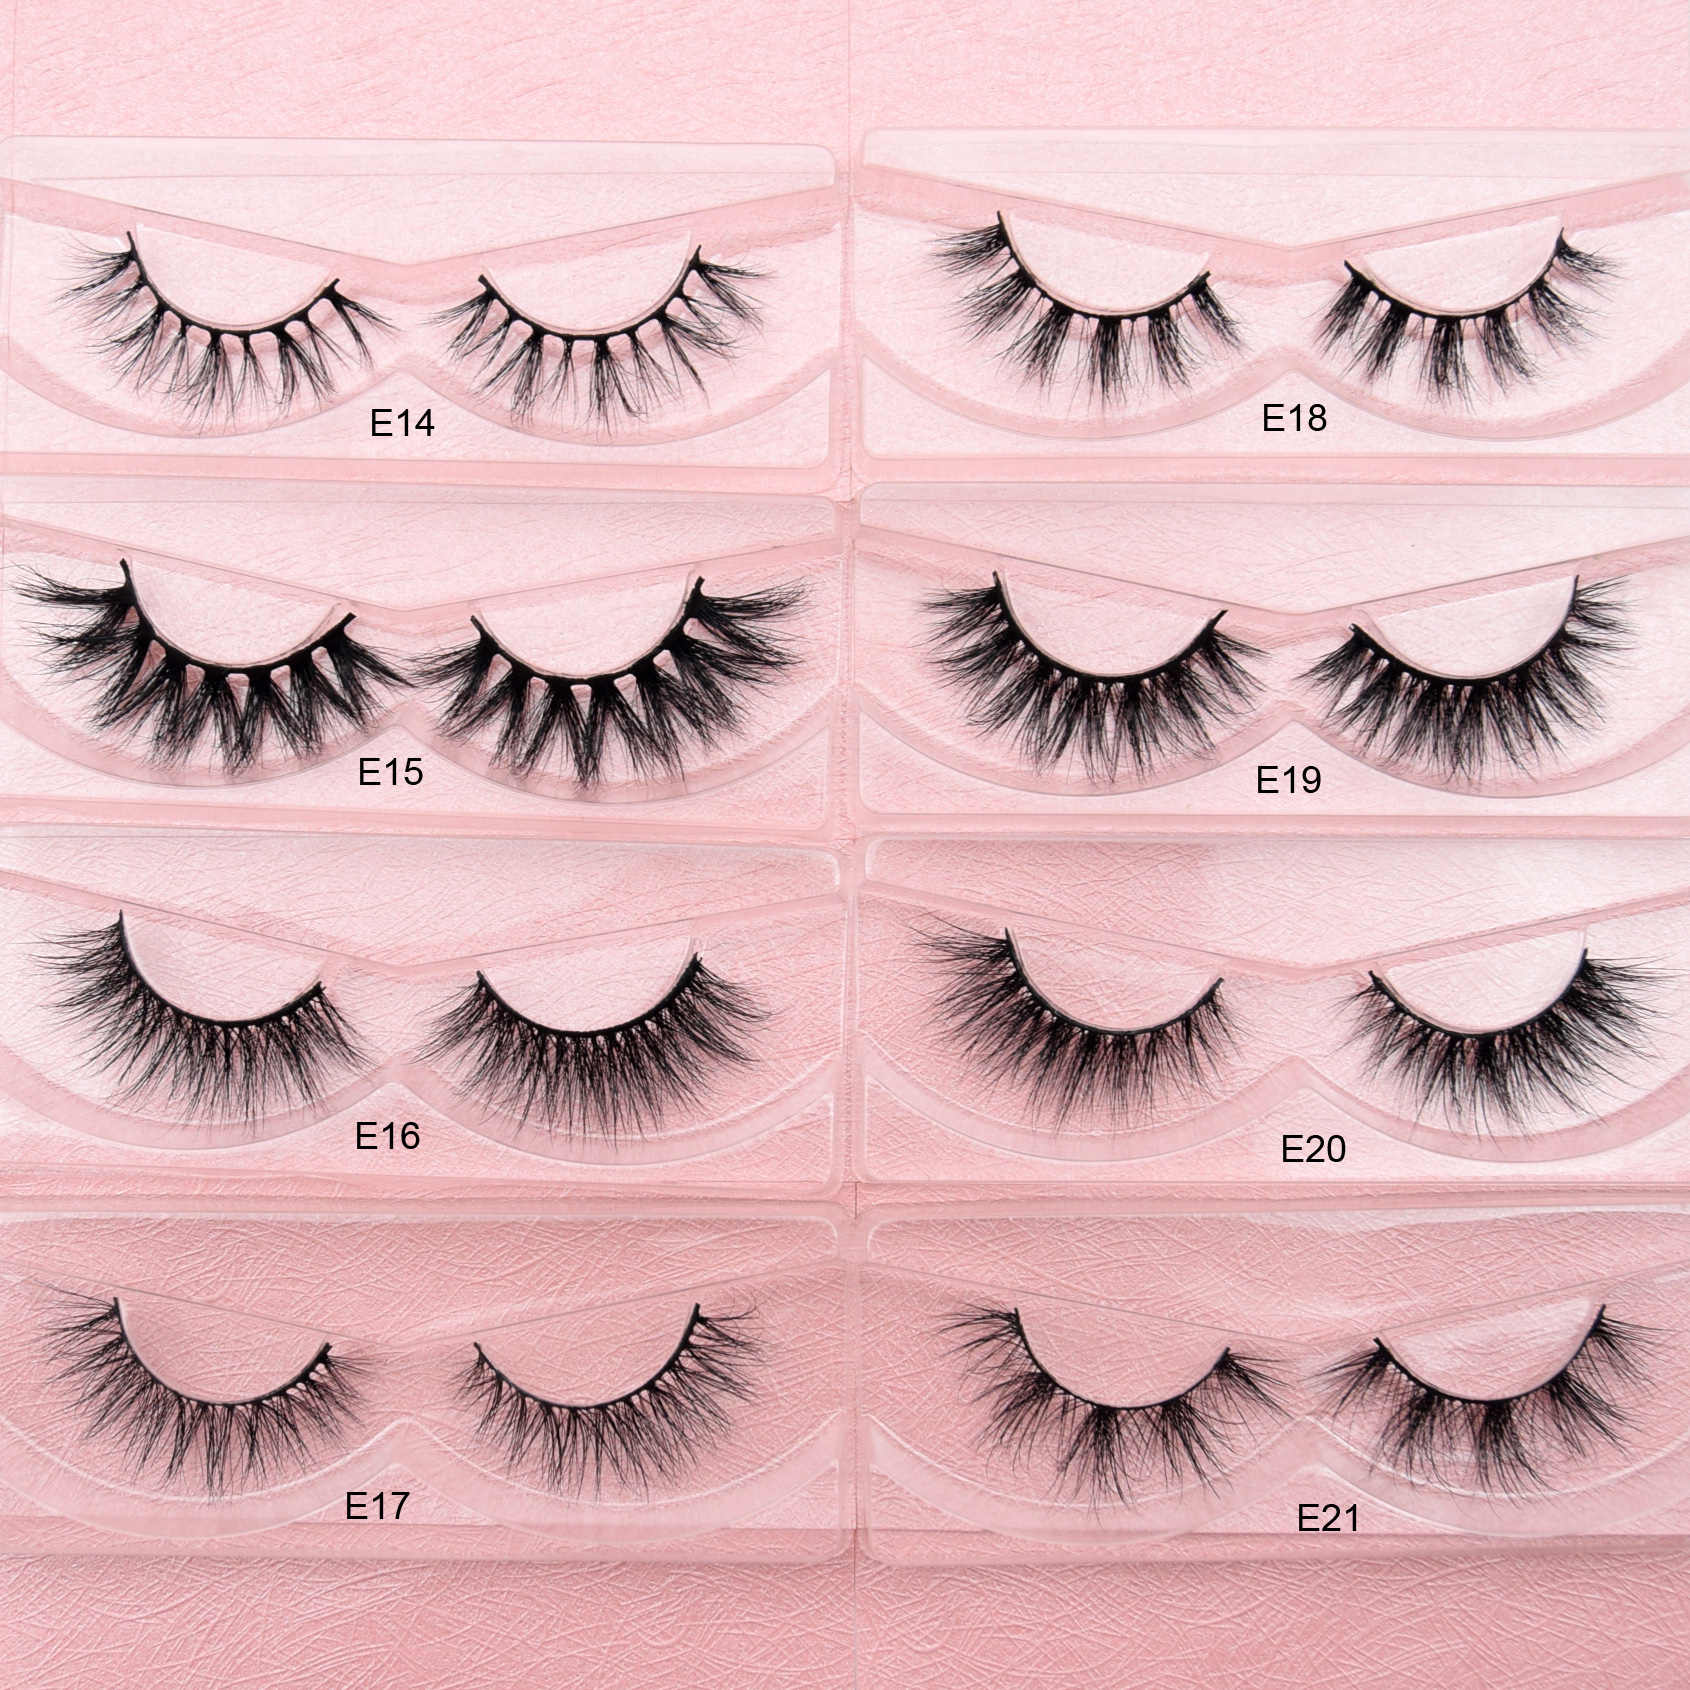 Накладные ресницы Visofree, Длинные Накладные ресницы для макияжа, 3D норковые ресницы для наращивания, норковые ресницы для красоты E11